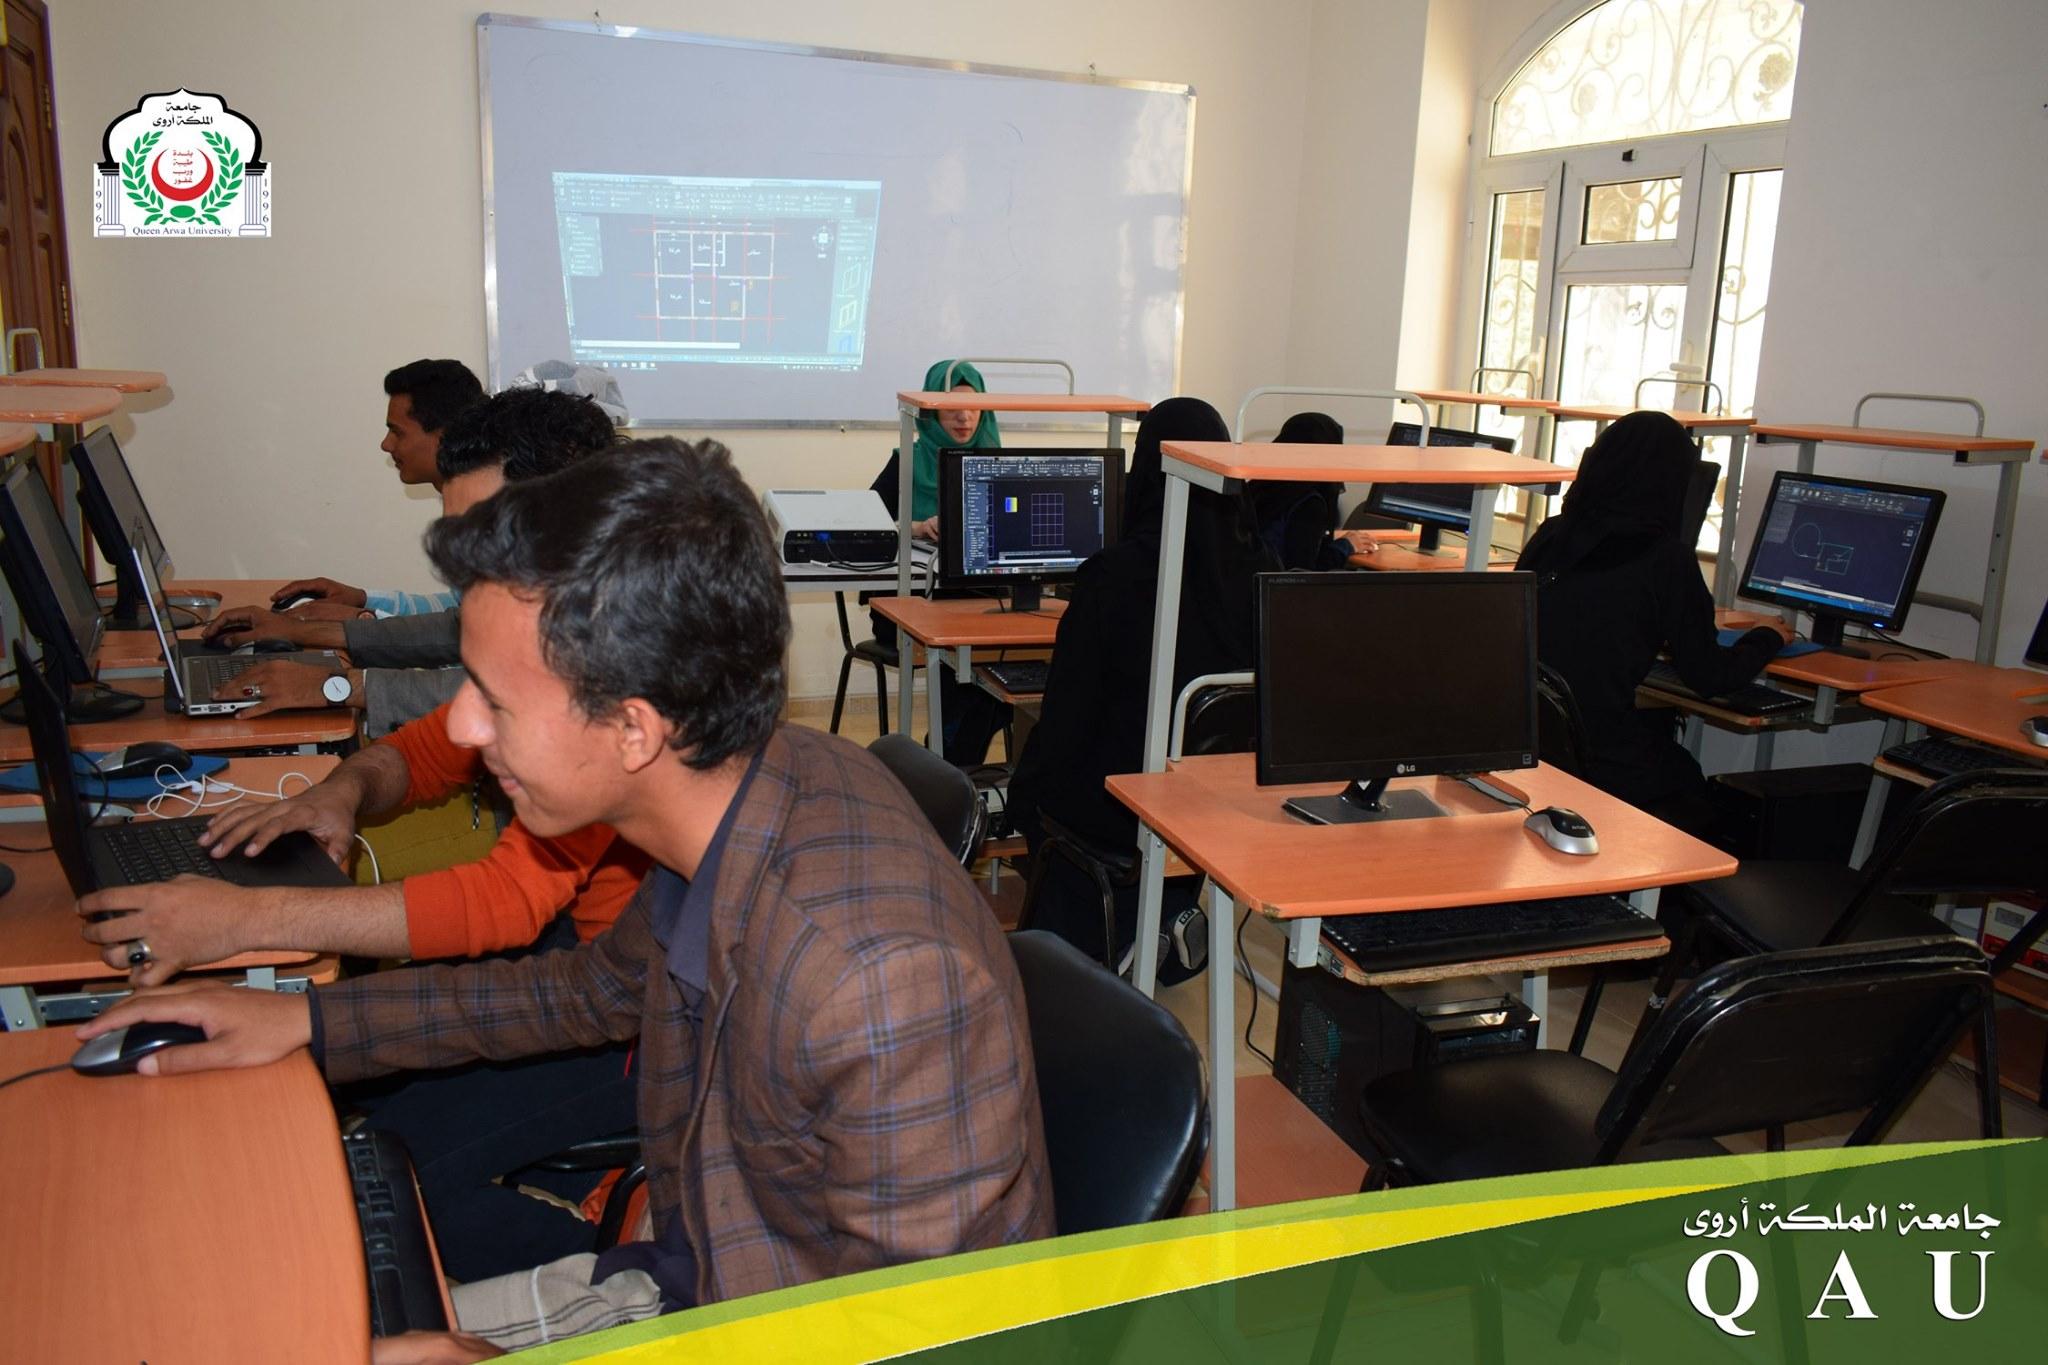 دورات تدريبية لطلاب قسم العمارة والديكور